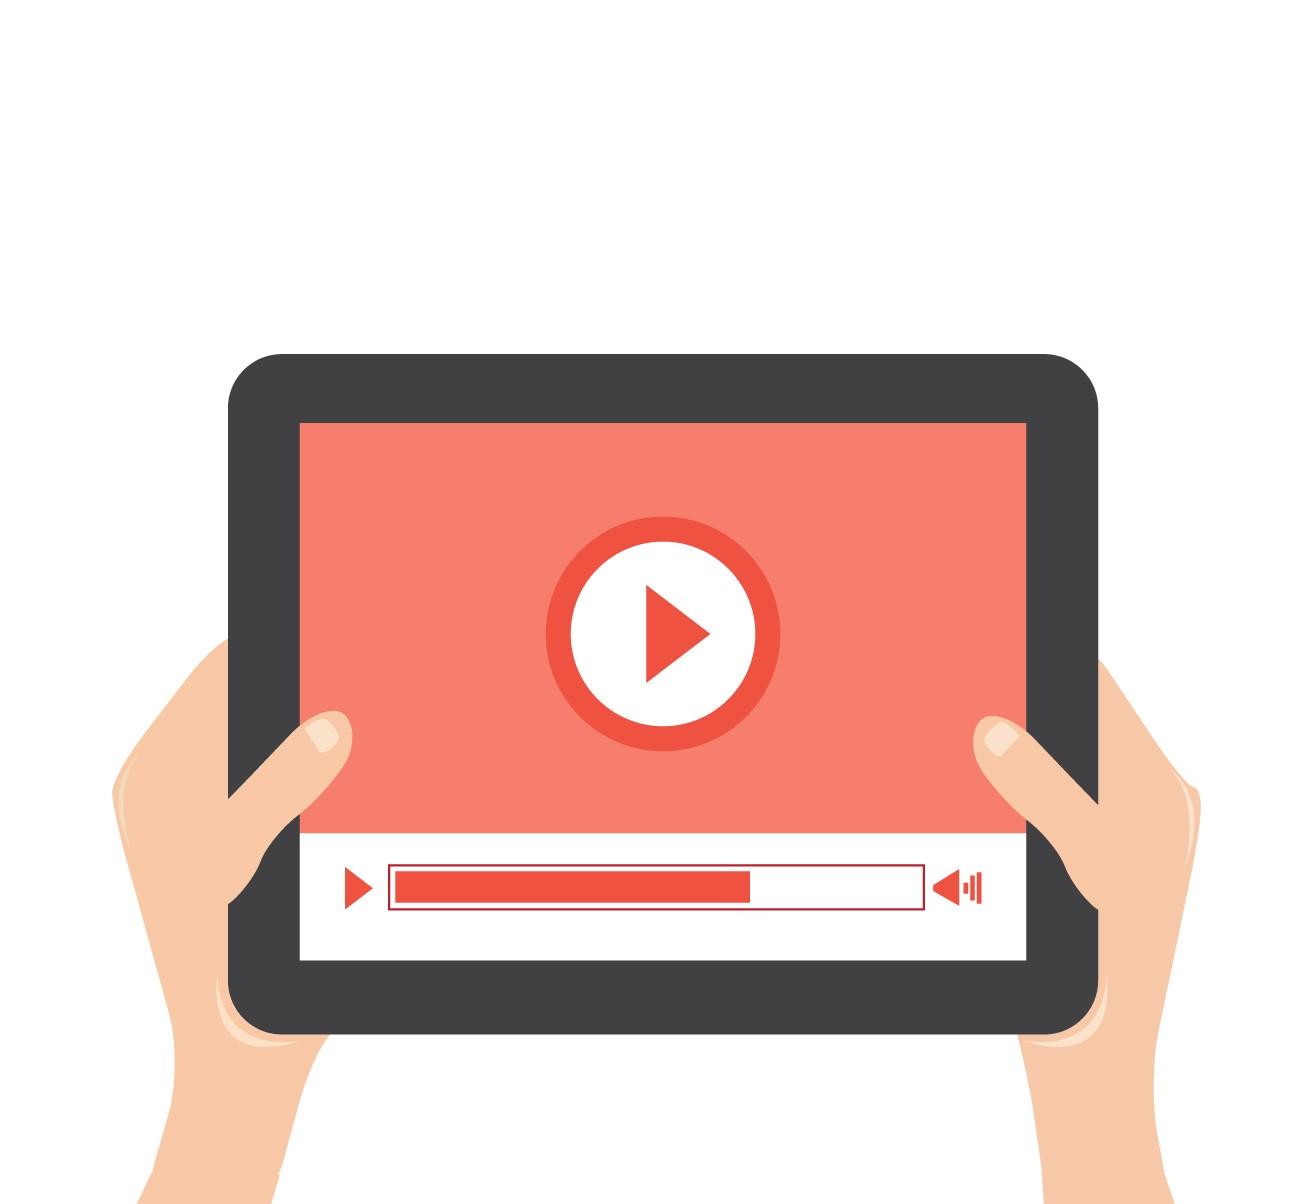 تطبيق لإنشاء الفيديوهات